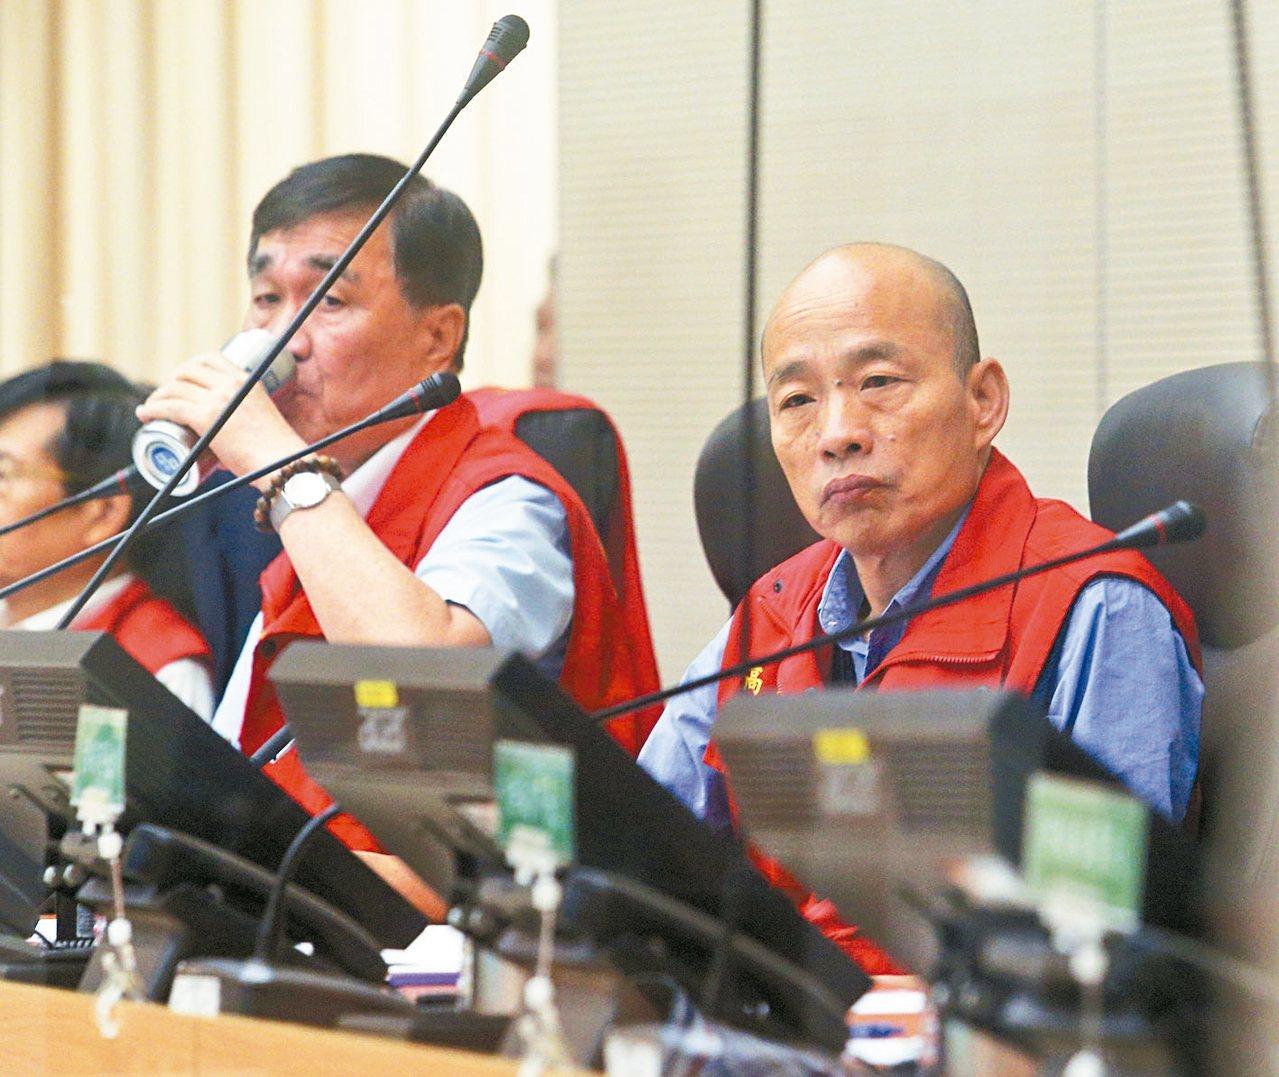 高雄市長韓國瑜(右一)表示曾向水利專家李鴻源請教過高雄治水的事,李認為高雄的狀態...